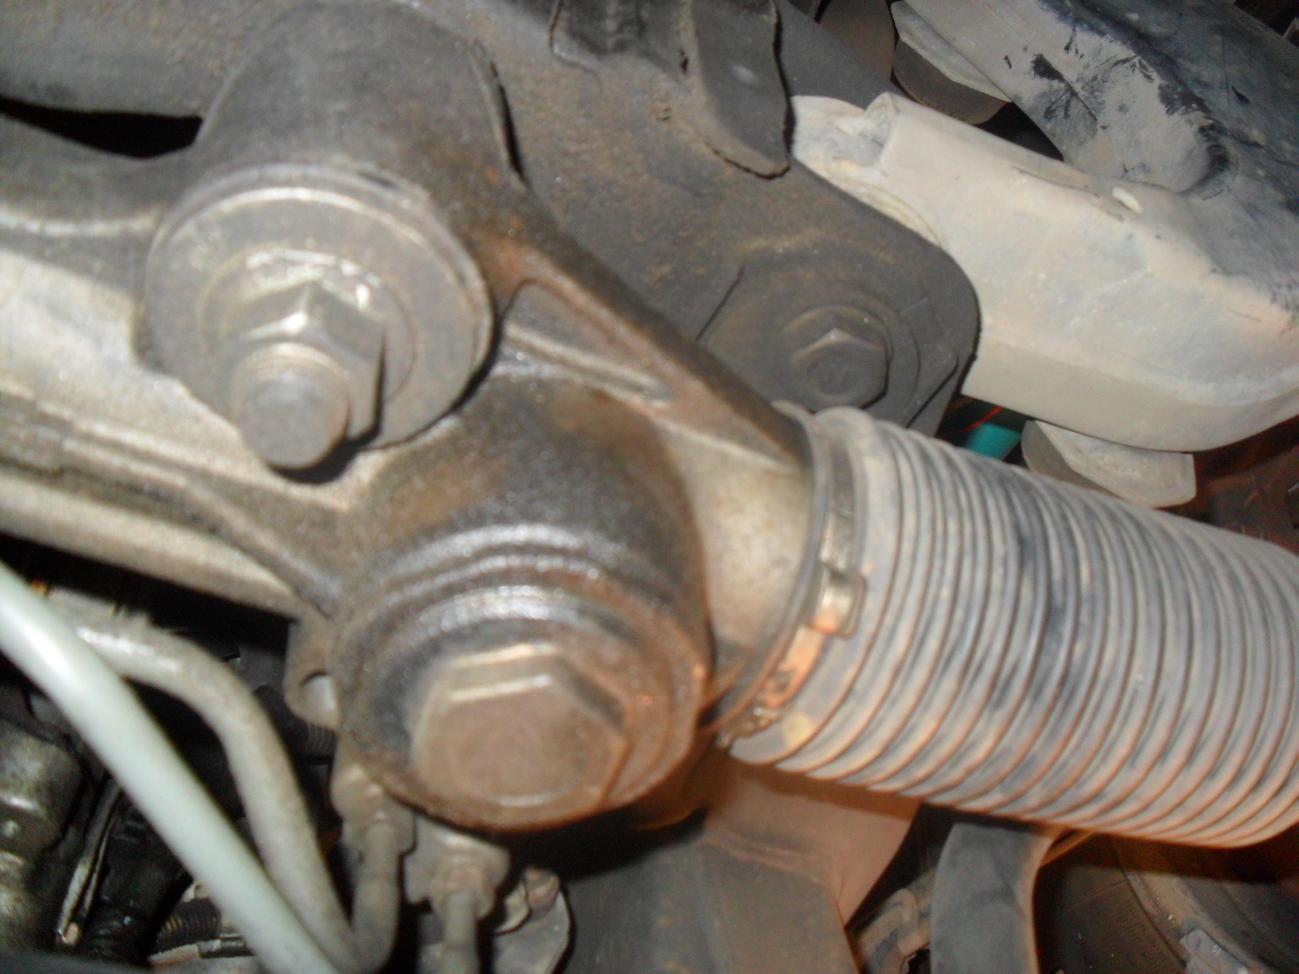 Steering rack leaking from the guide bolt? - Toyota 4Runner